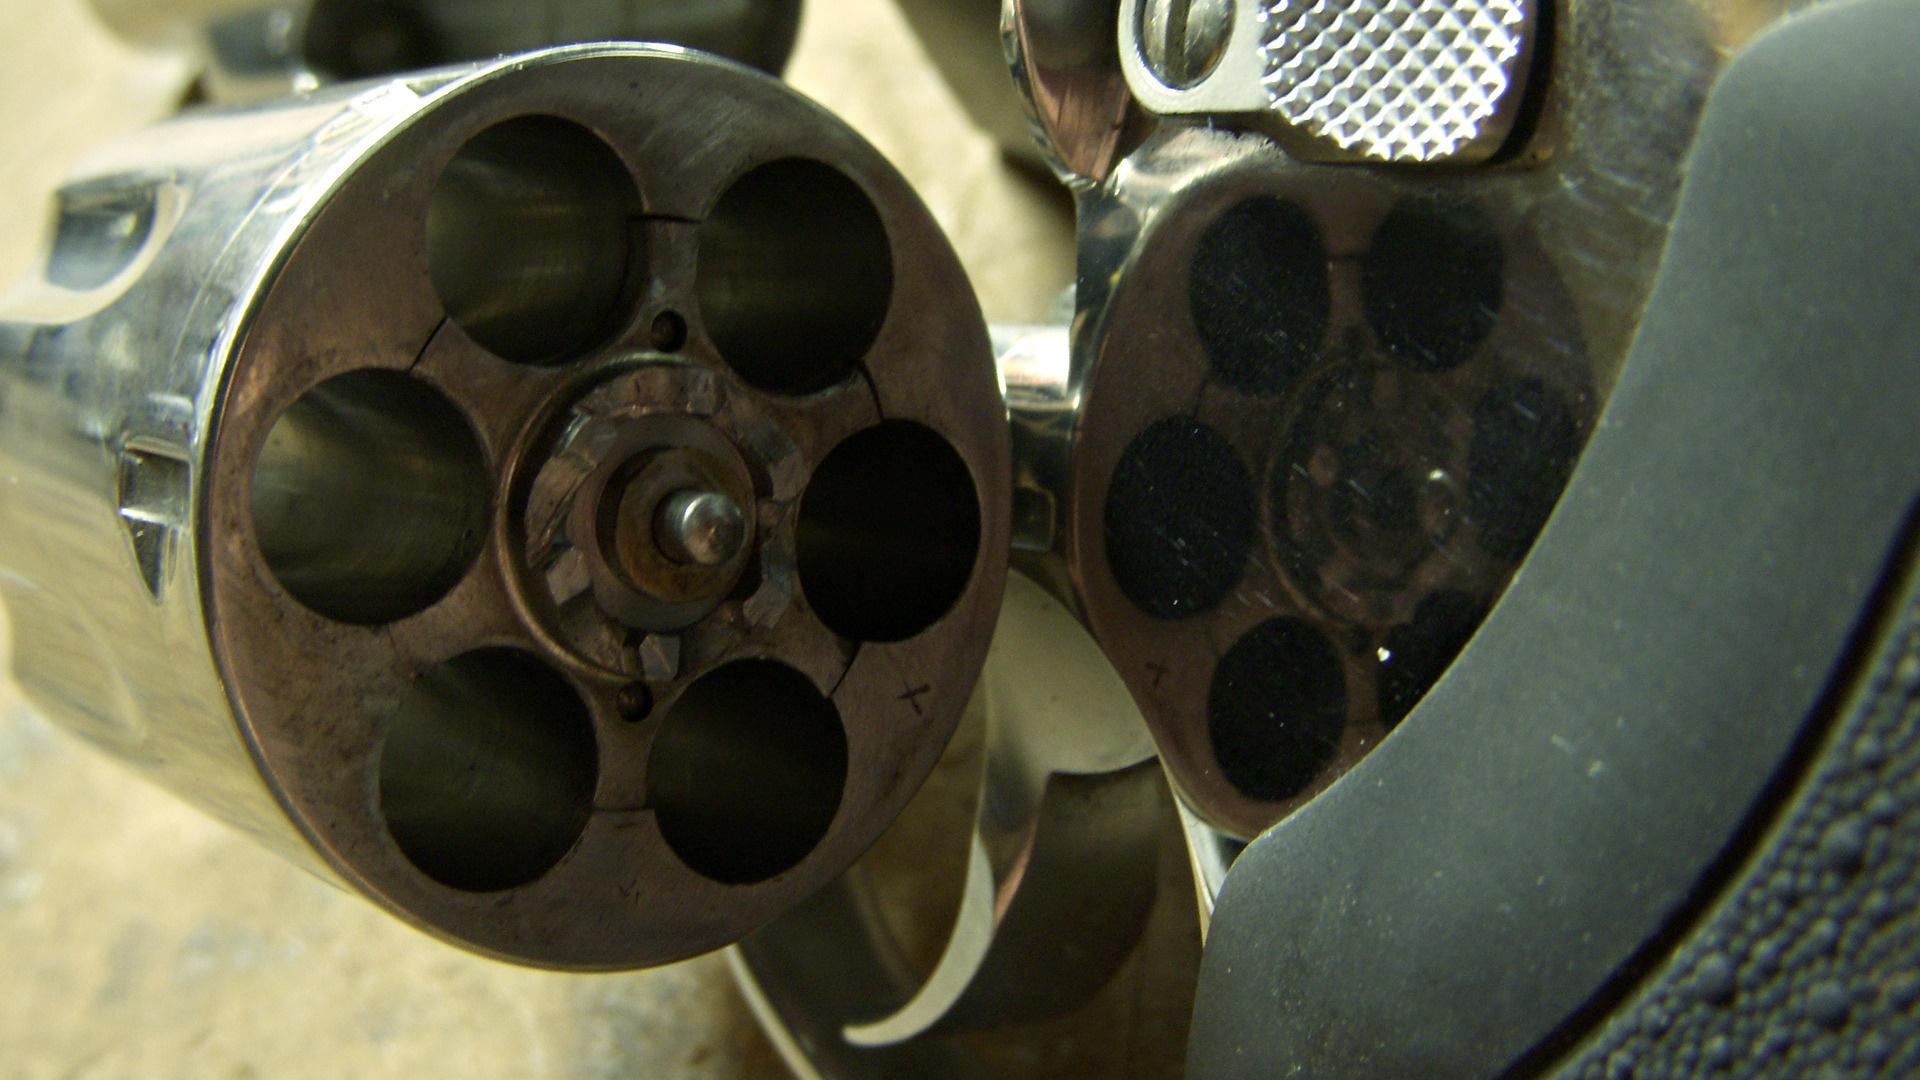 Пистолет, барабан, курок, макро